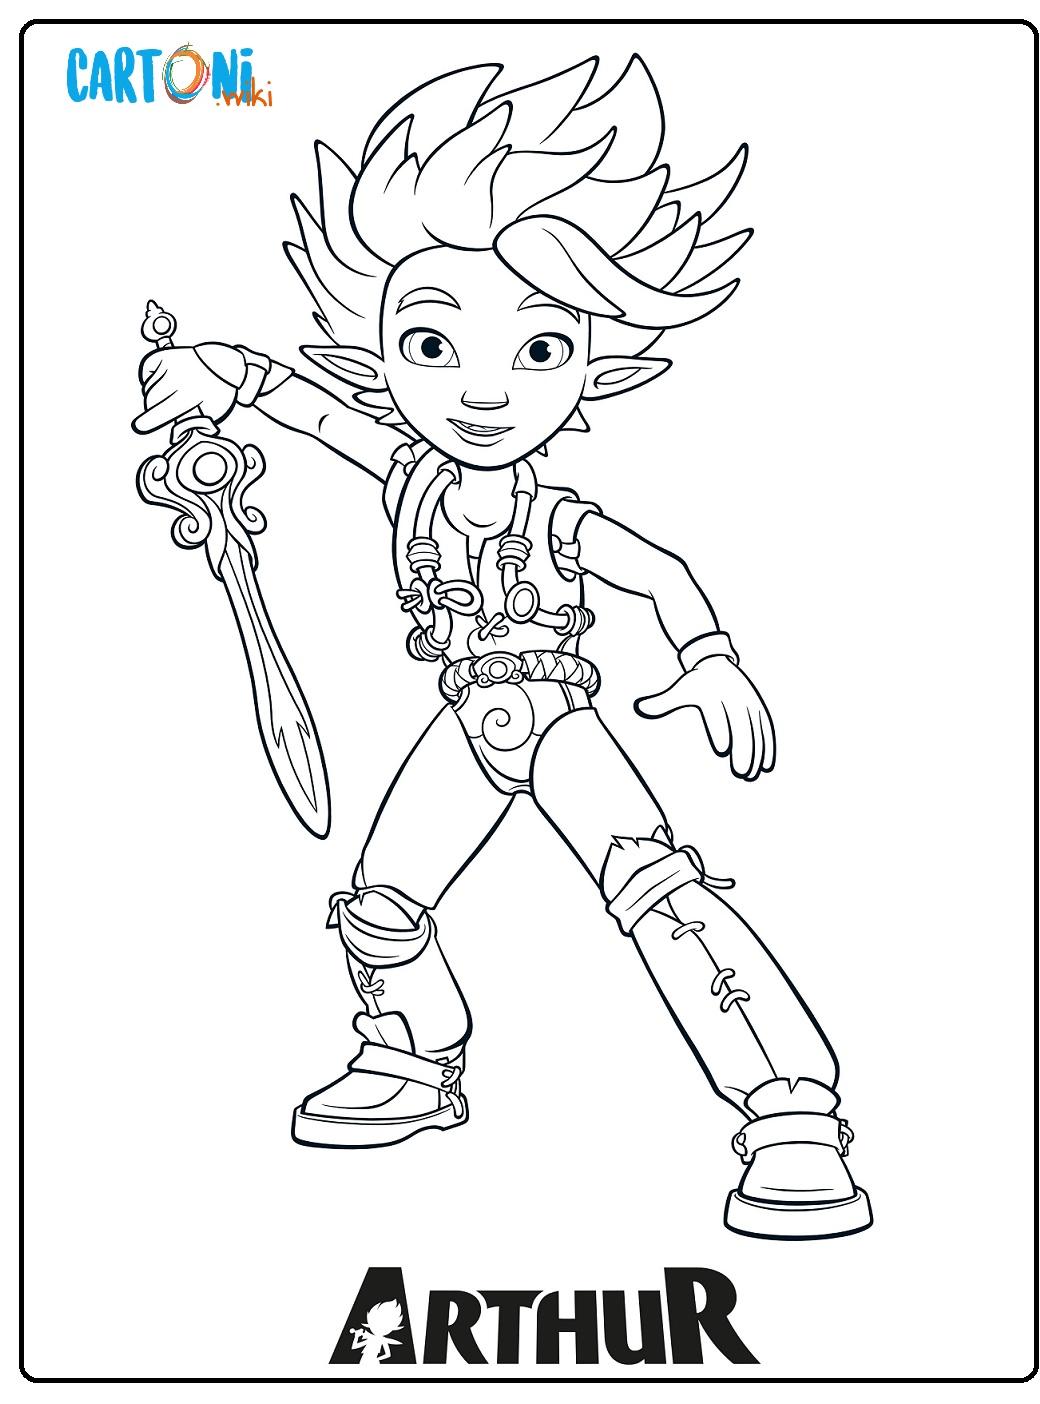 Arthur e il popolo dei Minimei da colorare - Disegni da colorare